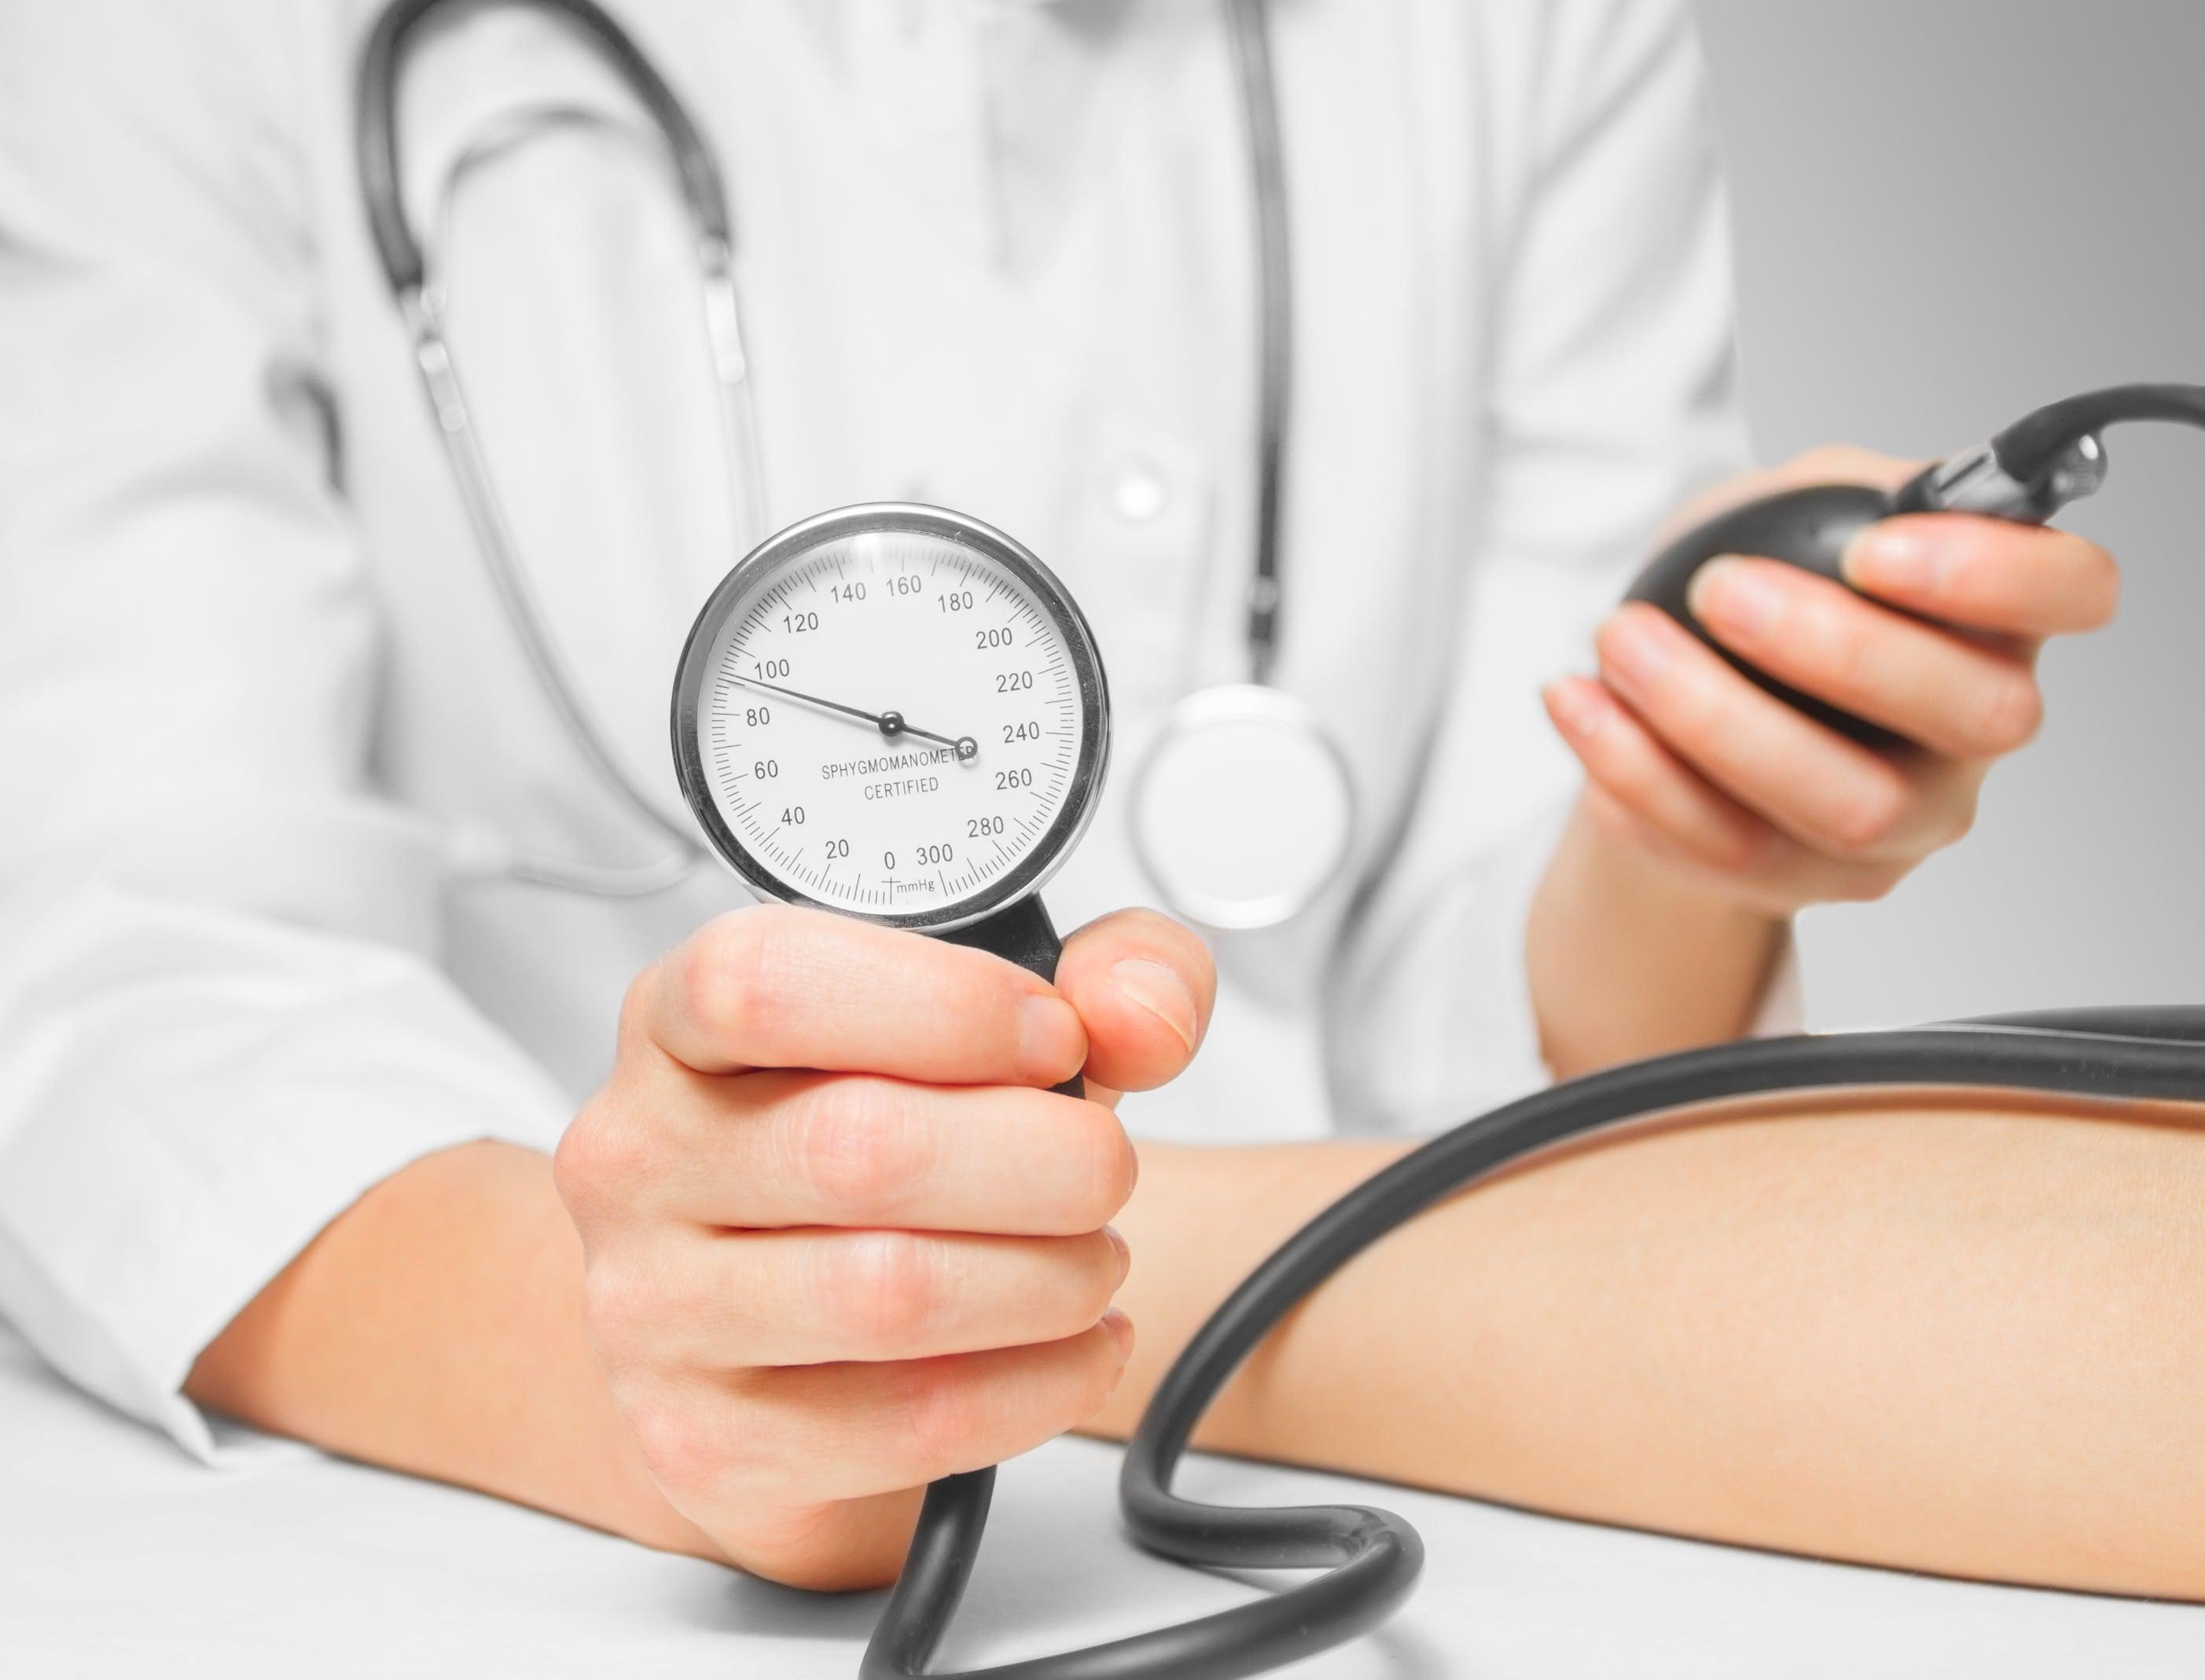 Blutdruck wied gemessen